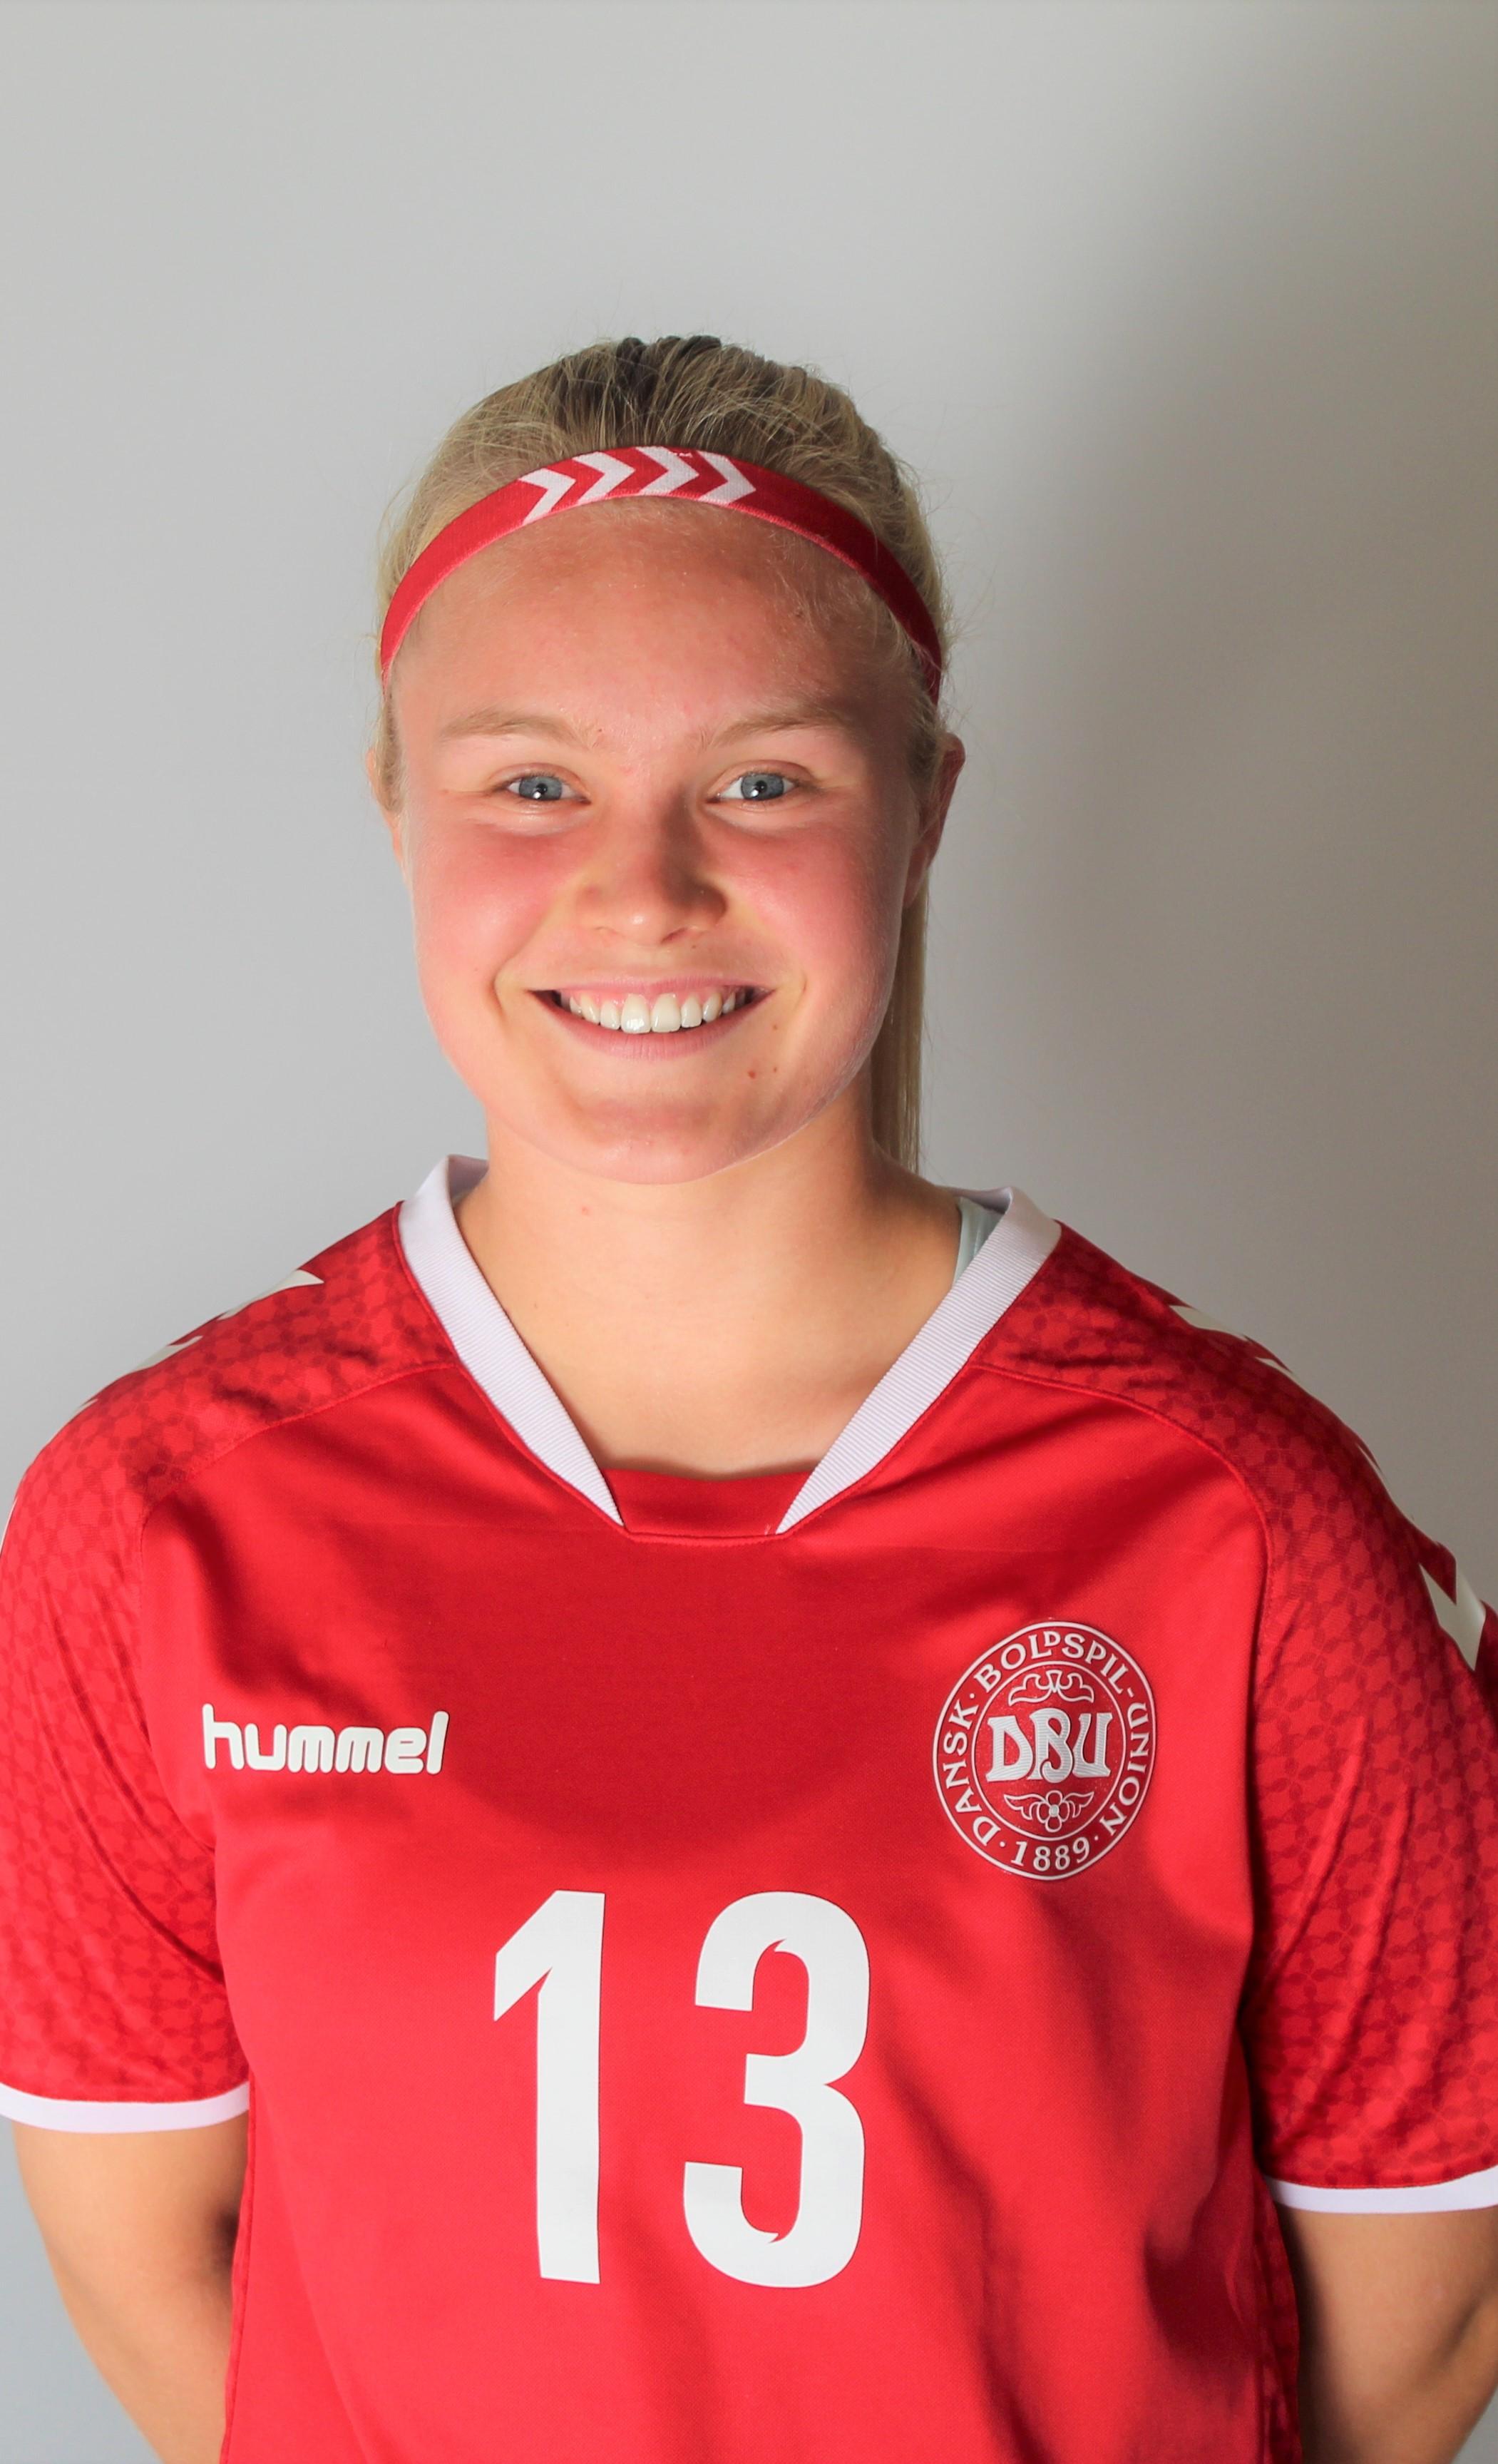 Johanne Guldbæk